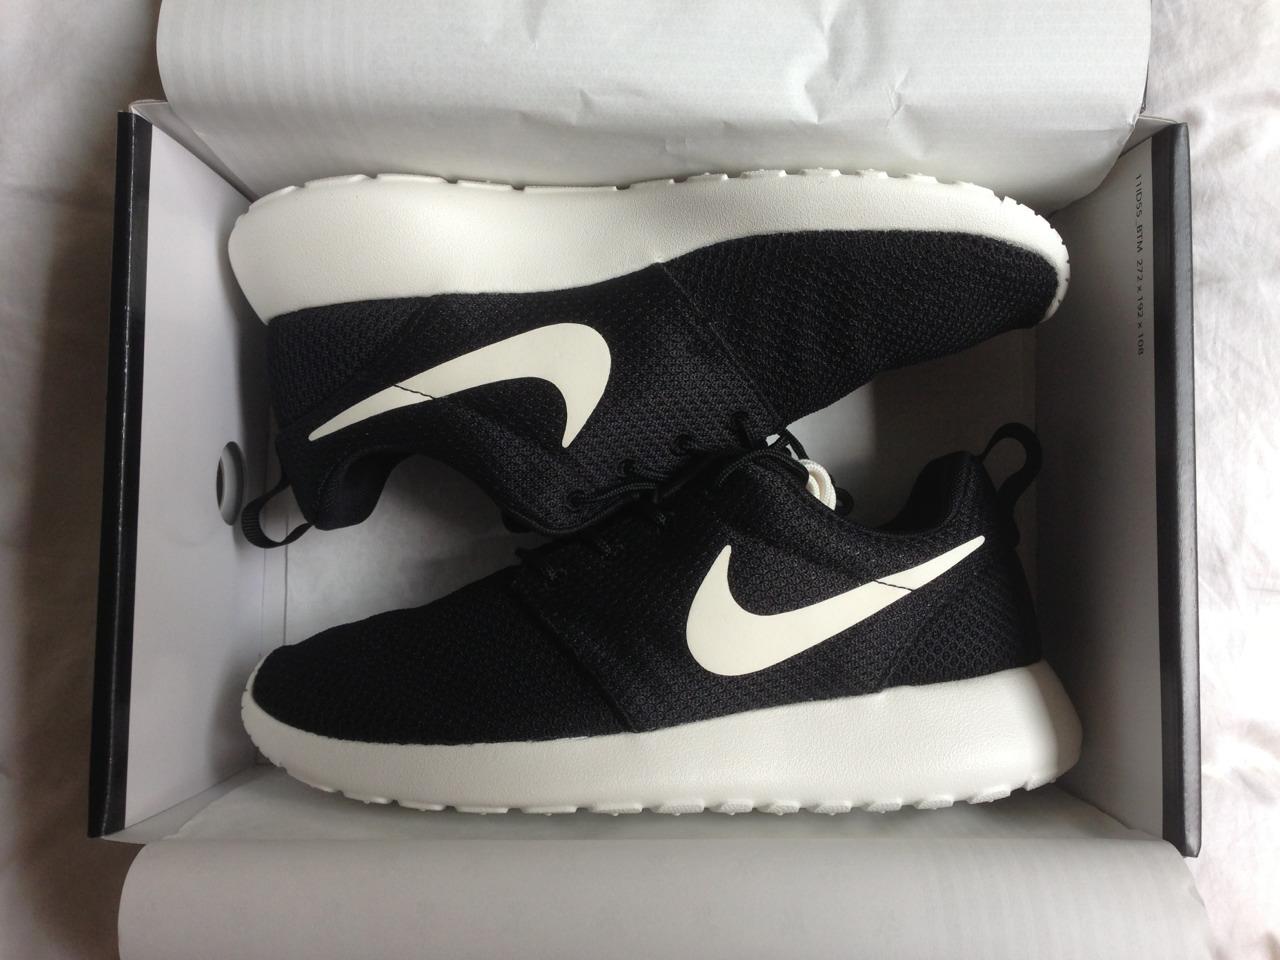 Via Tumblr Via Nike Tumblr door gedeeld gedeeld Tumblr Via Nike Nike door qtnBUwIRx